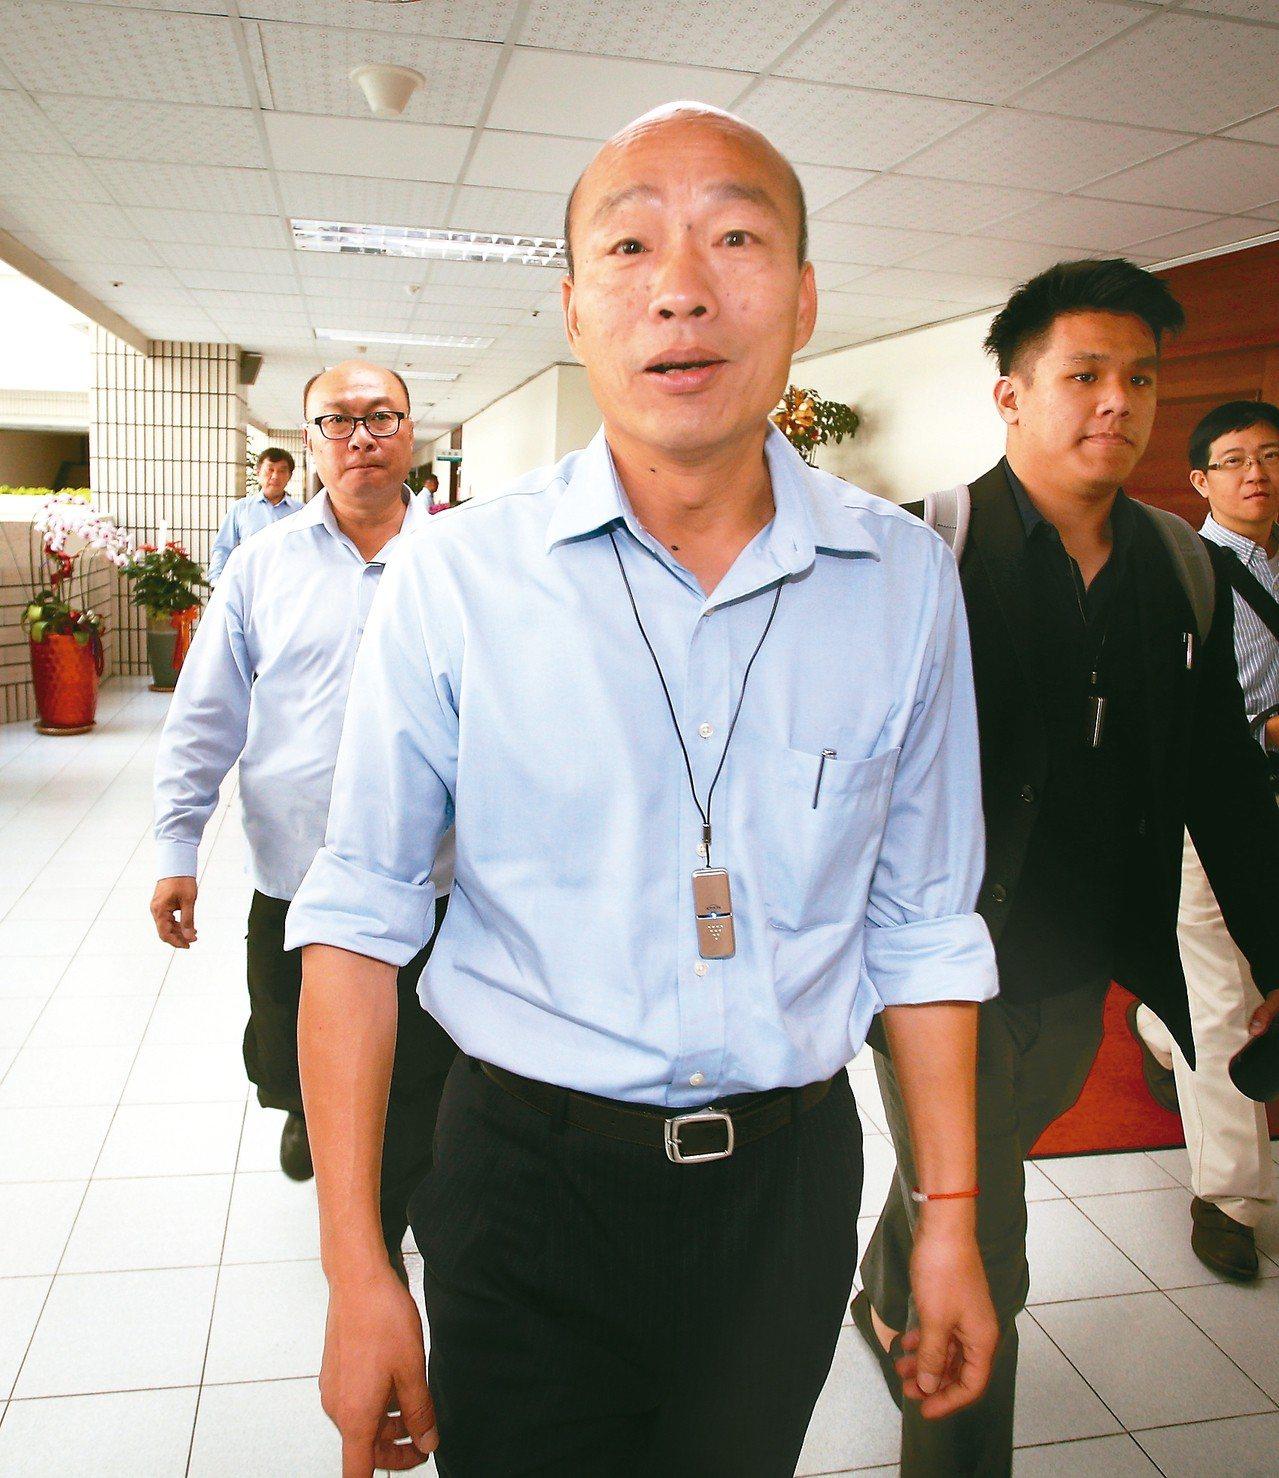 高雄市長韓國瑜上午舉行記者會,宣告醫療觀光元年起跑。 記者劉學聖/攝影